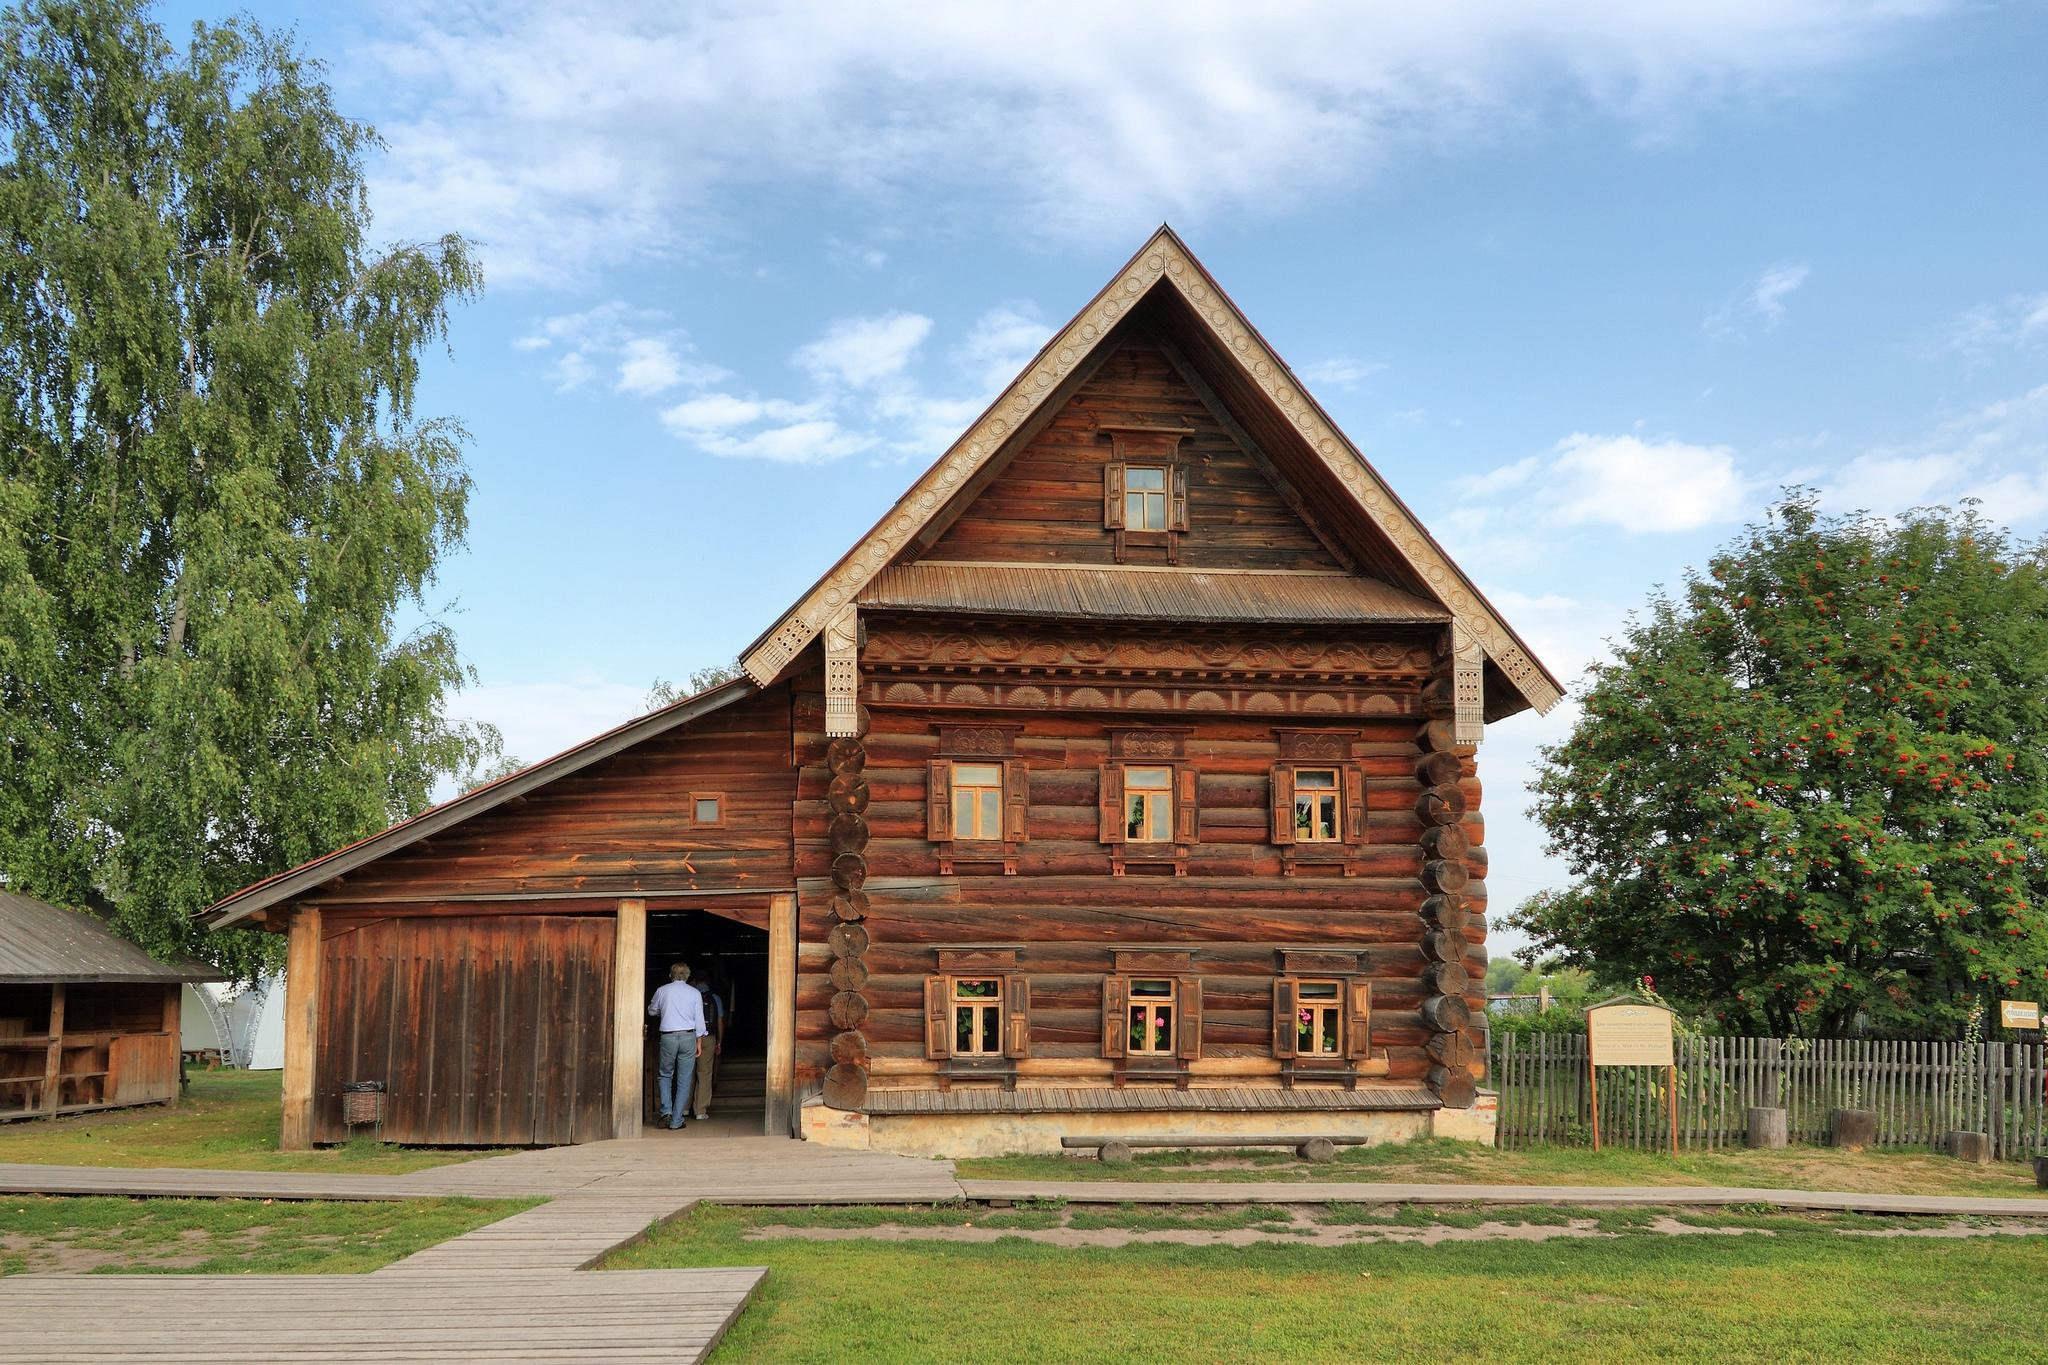 Музей деревянного зодчества в Суздале, дом зажиточного крестьянина